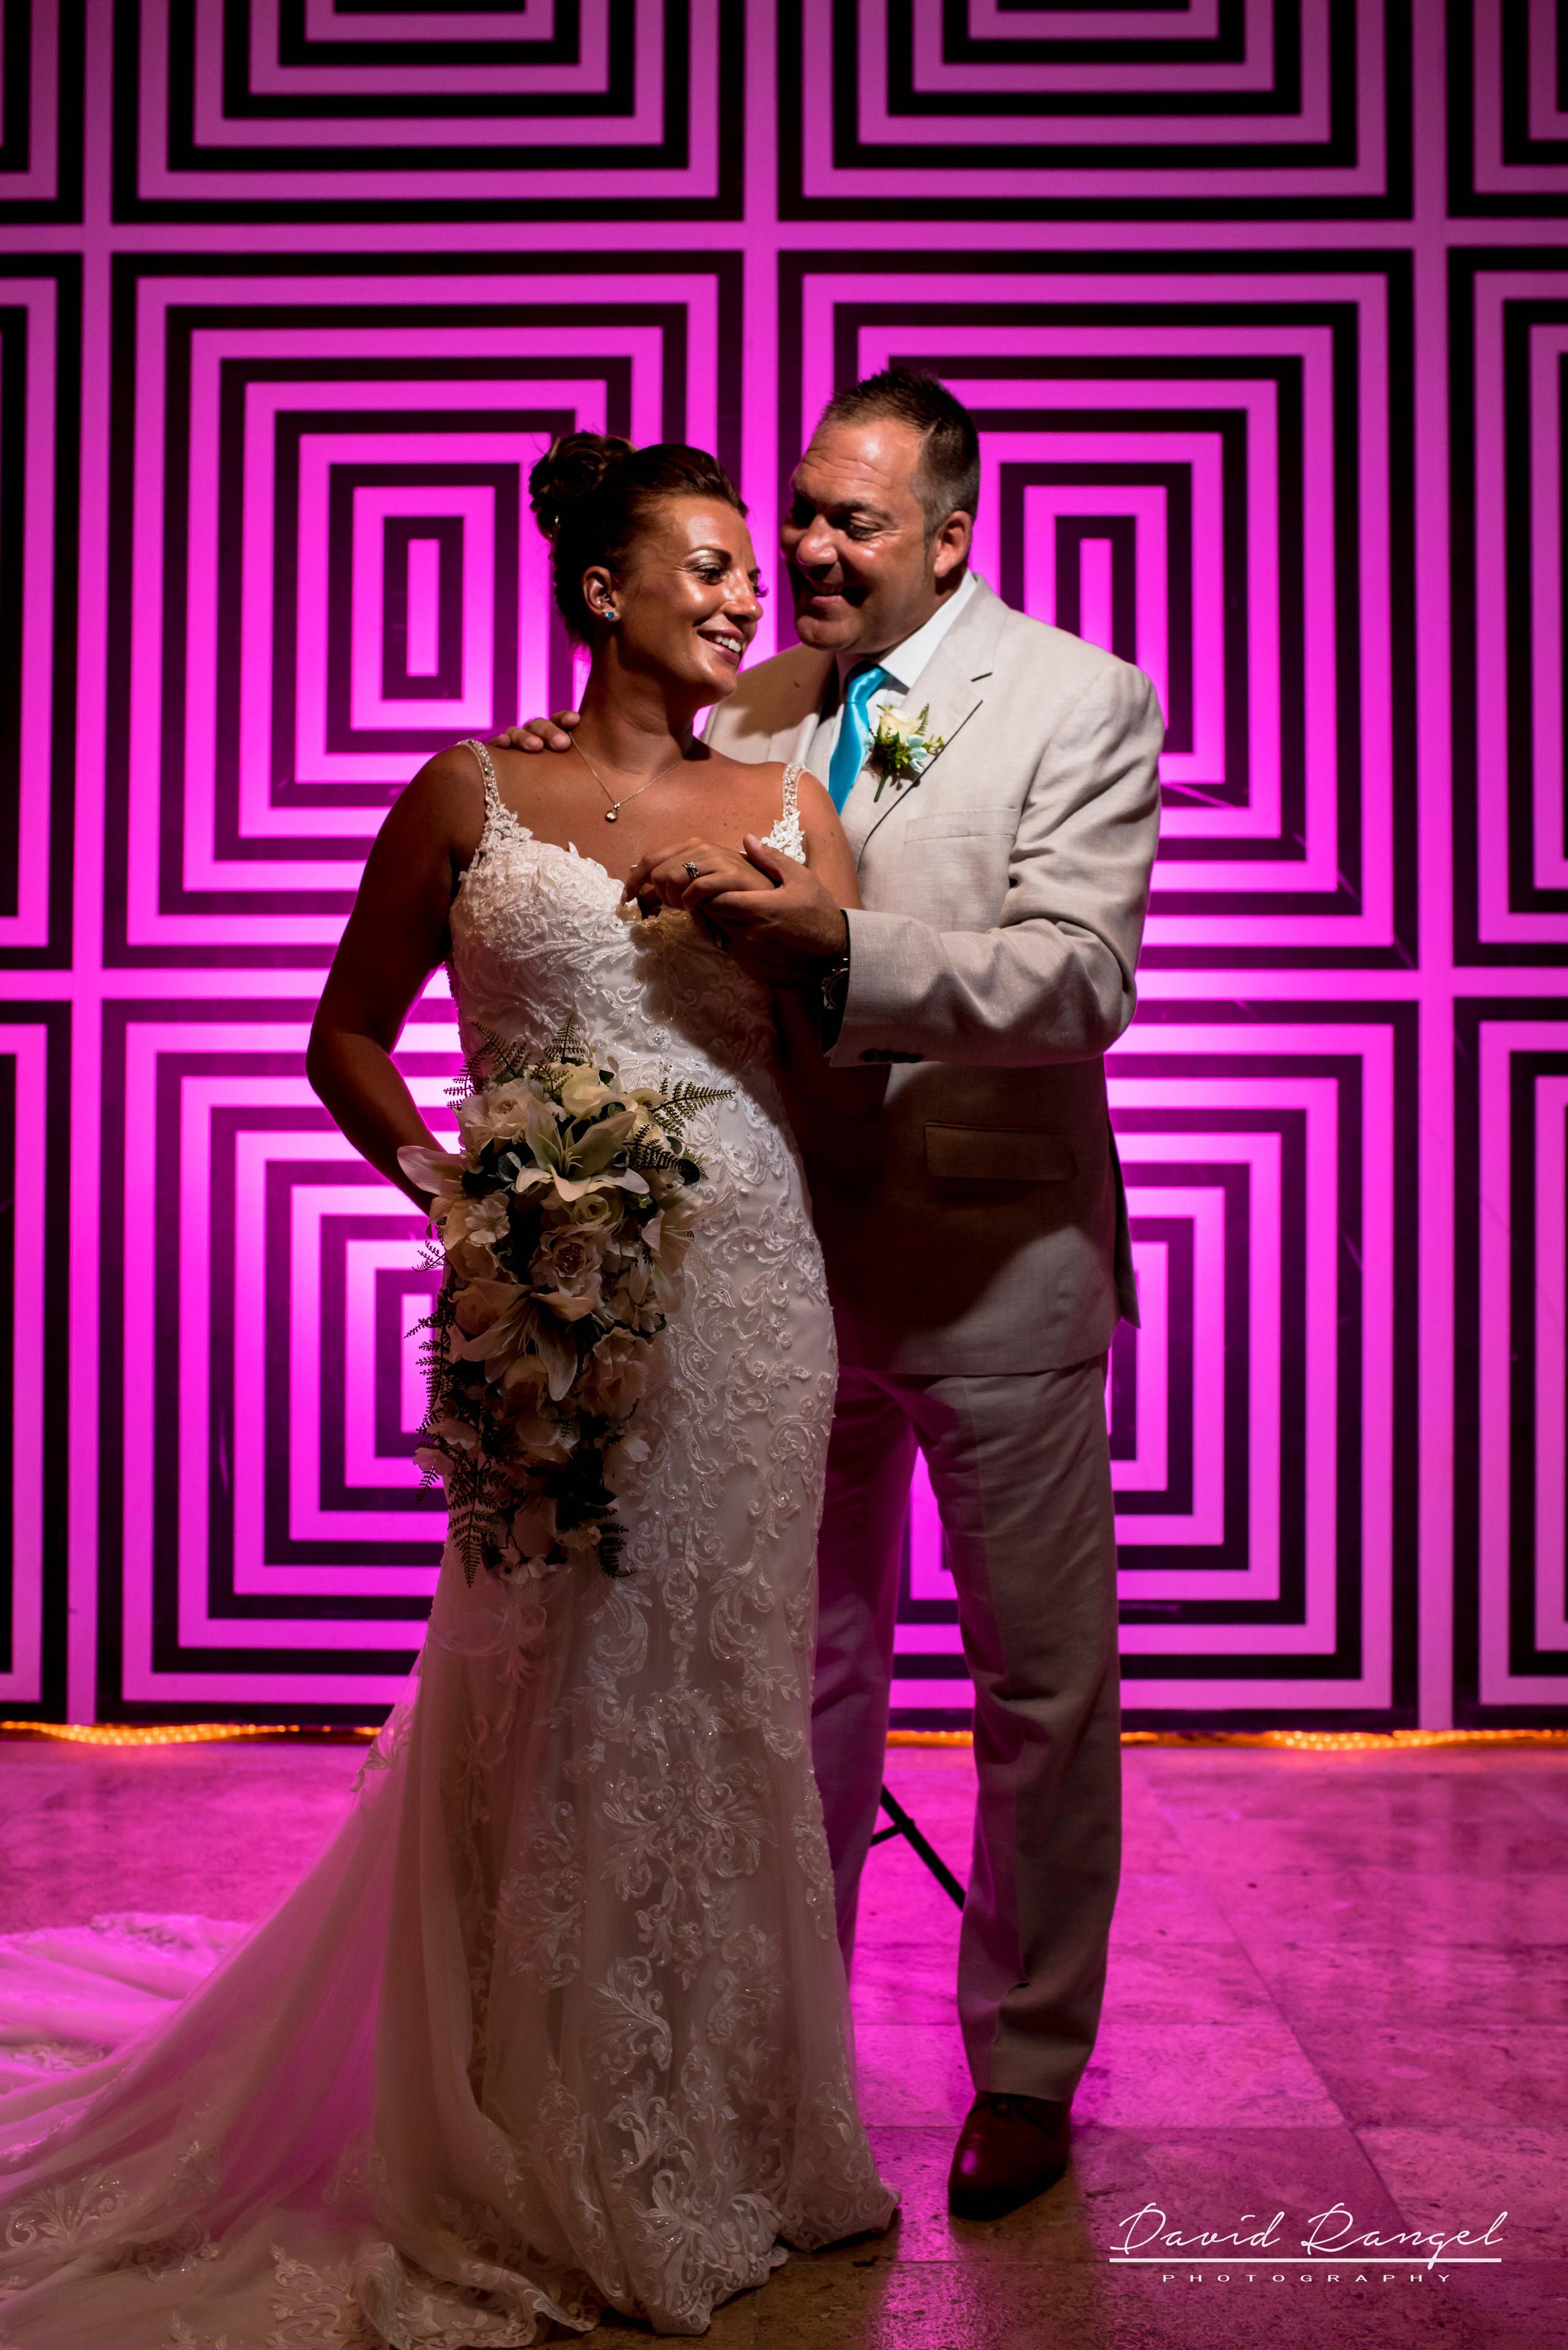 destination+wedding+photo